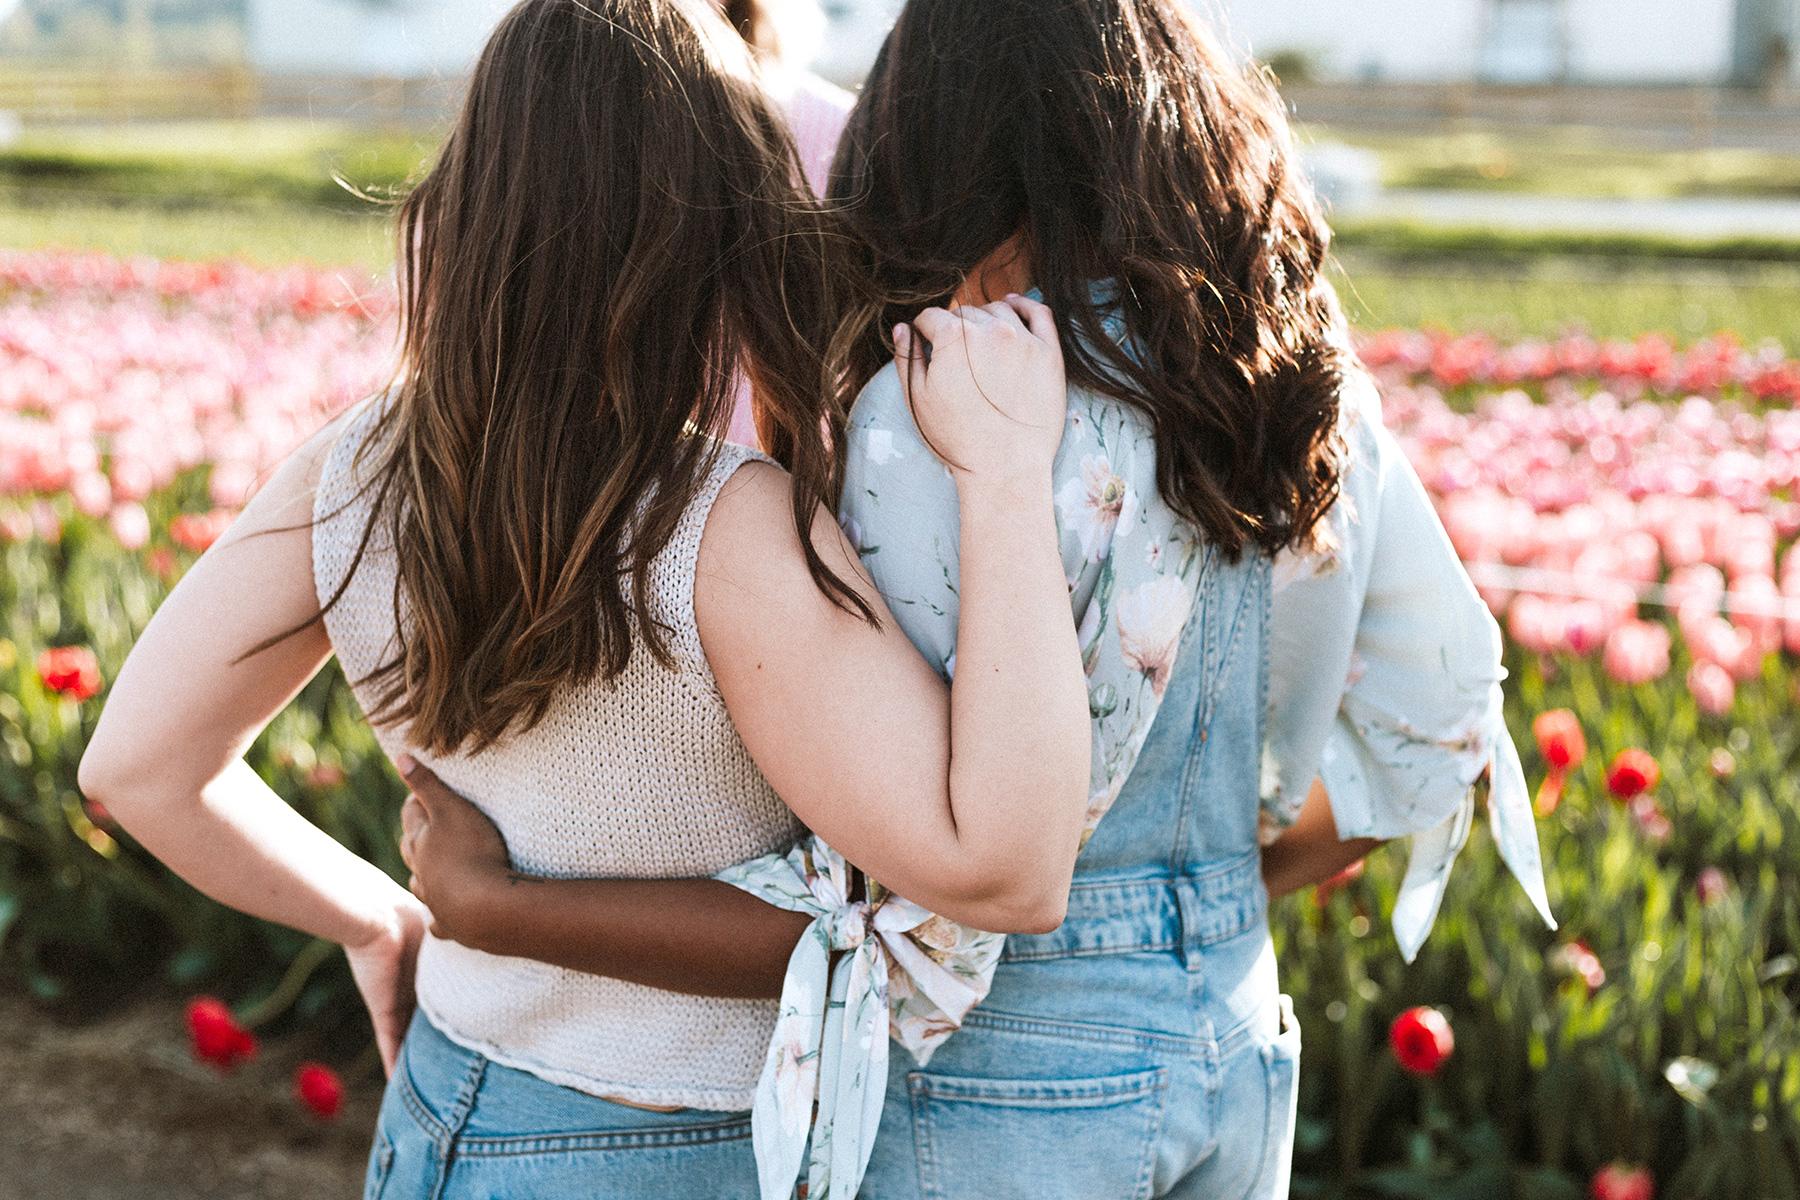 two-girls-posing-near-flowers.jpg